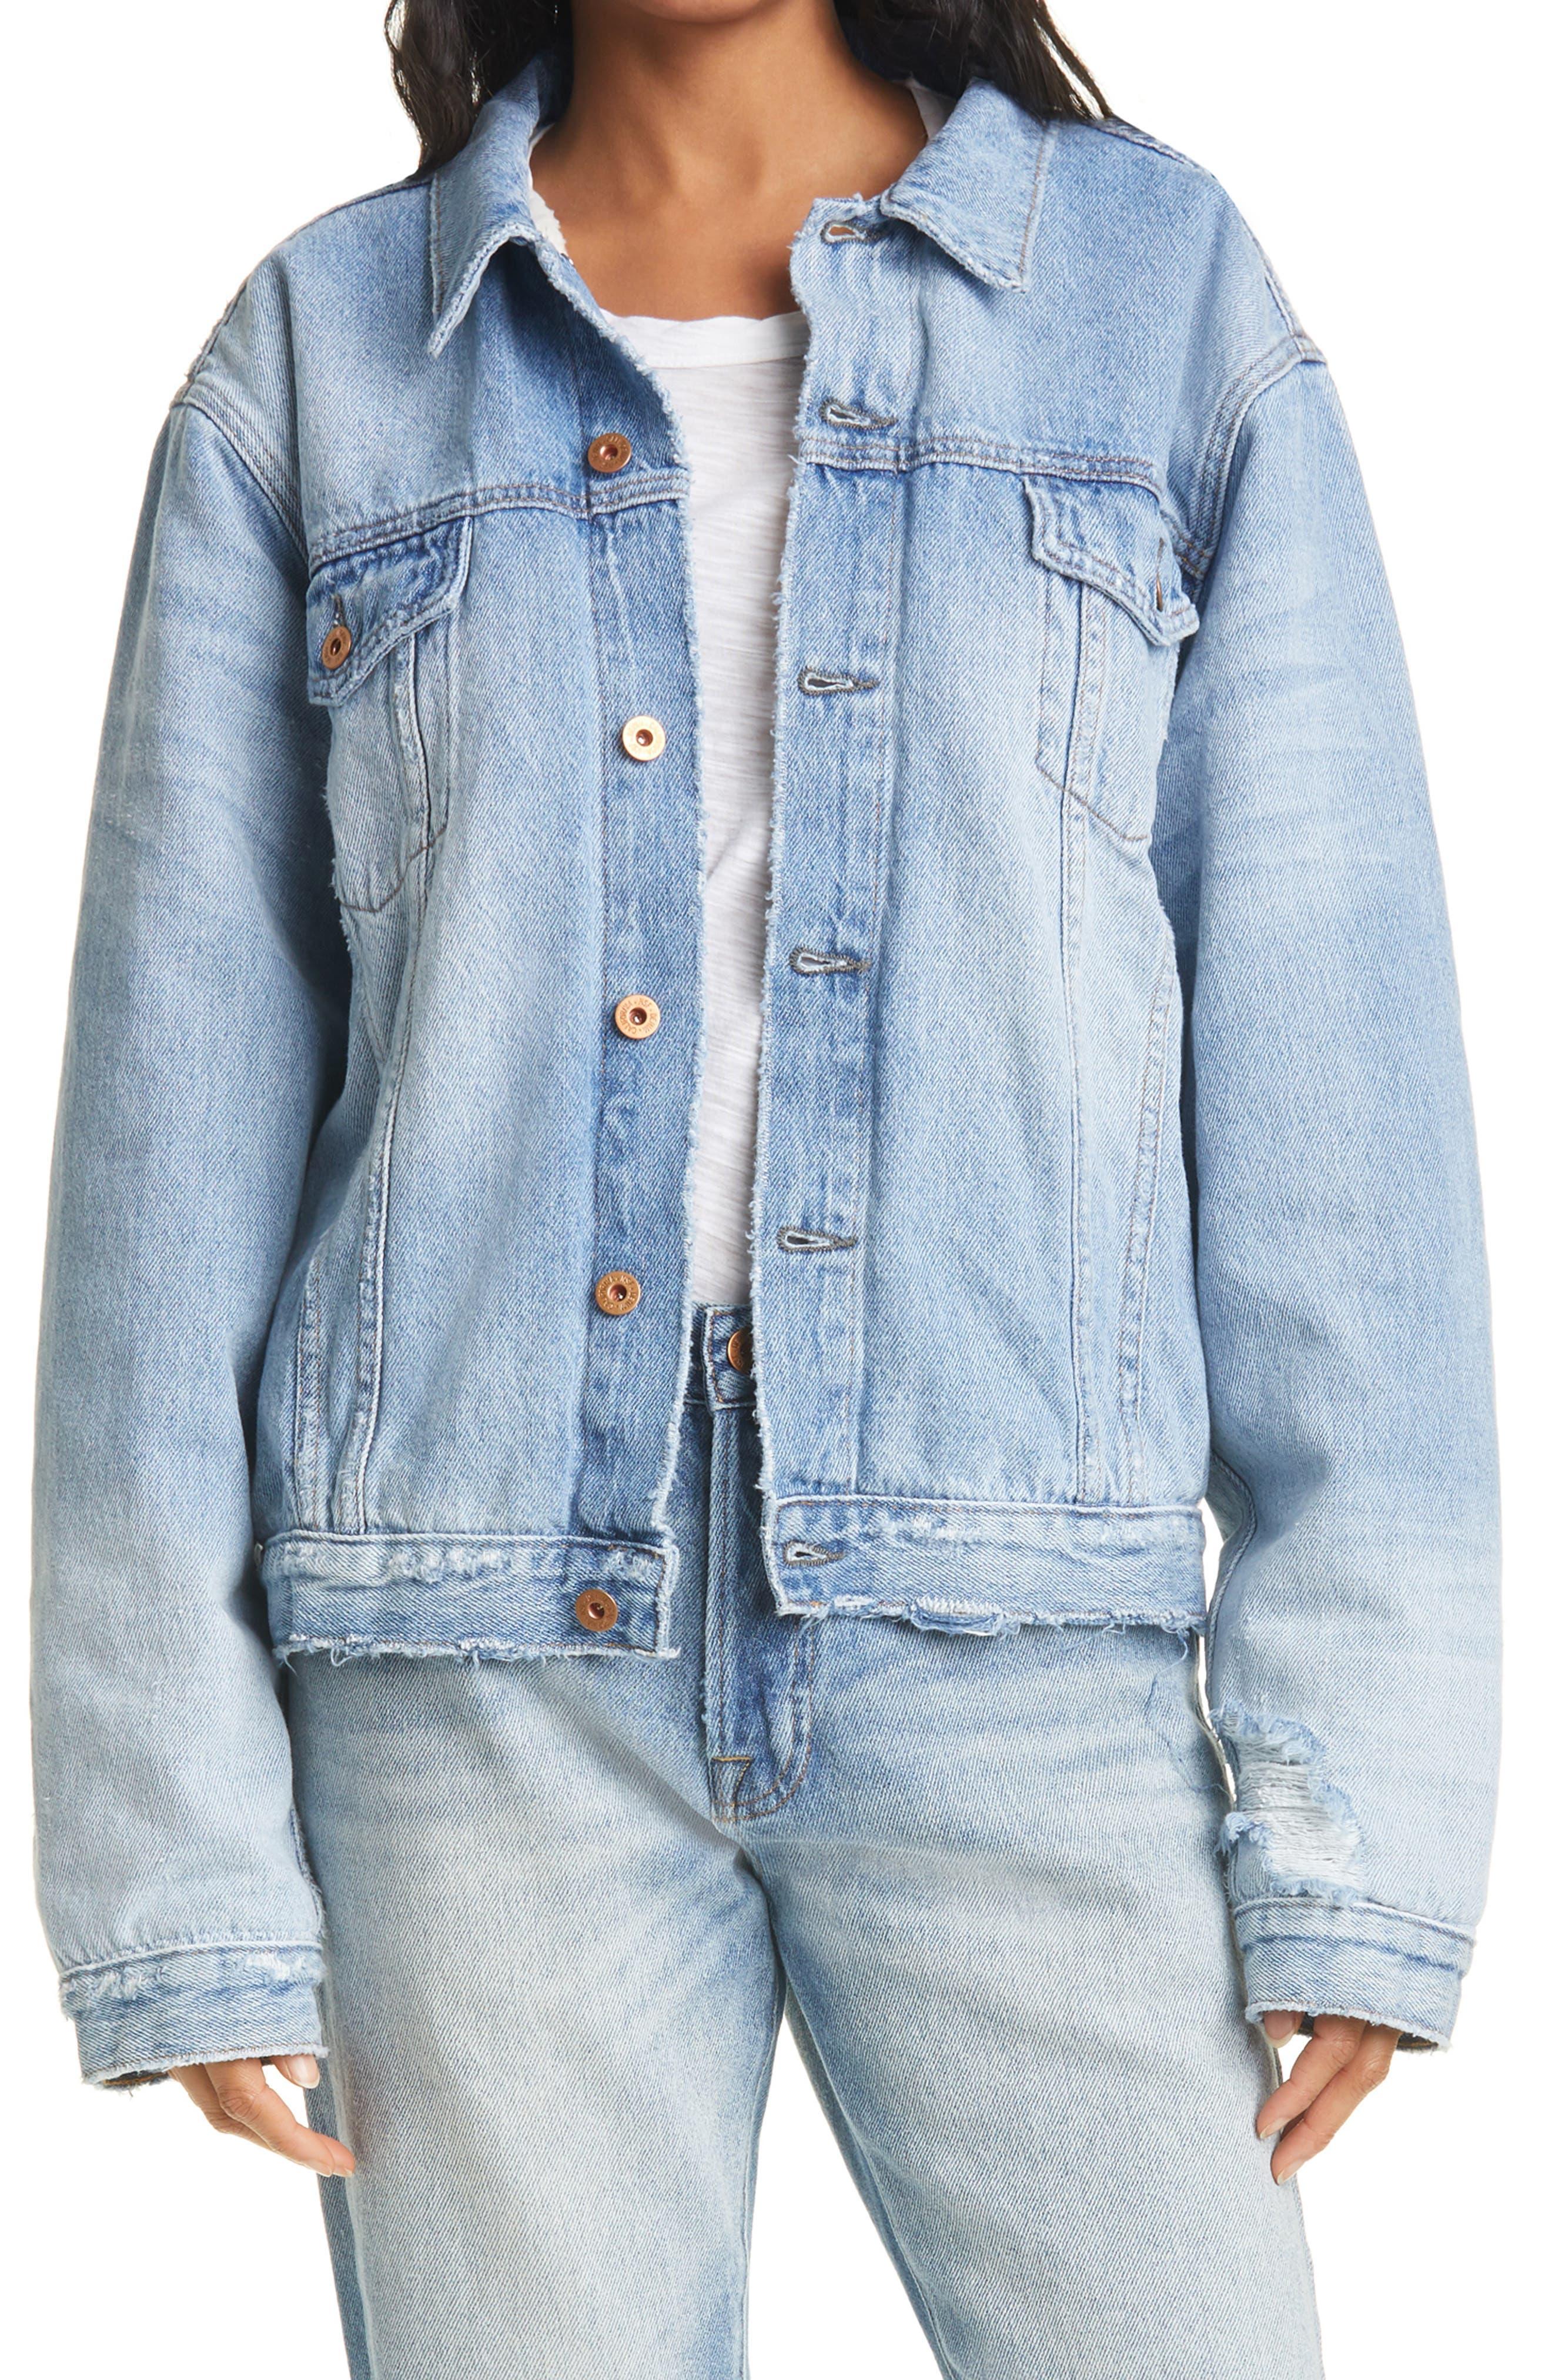 NSF Clothing Women's Nsf Clothing Jesse Oversize Denim Jacket, Size Medium - Blue